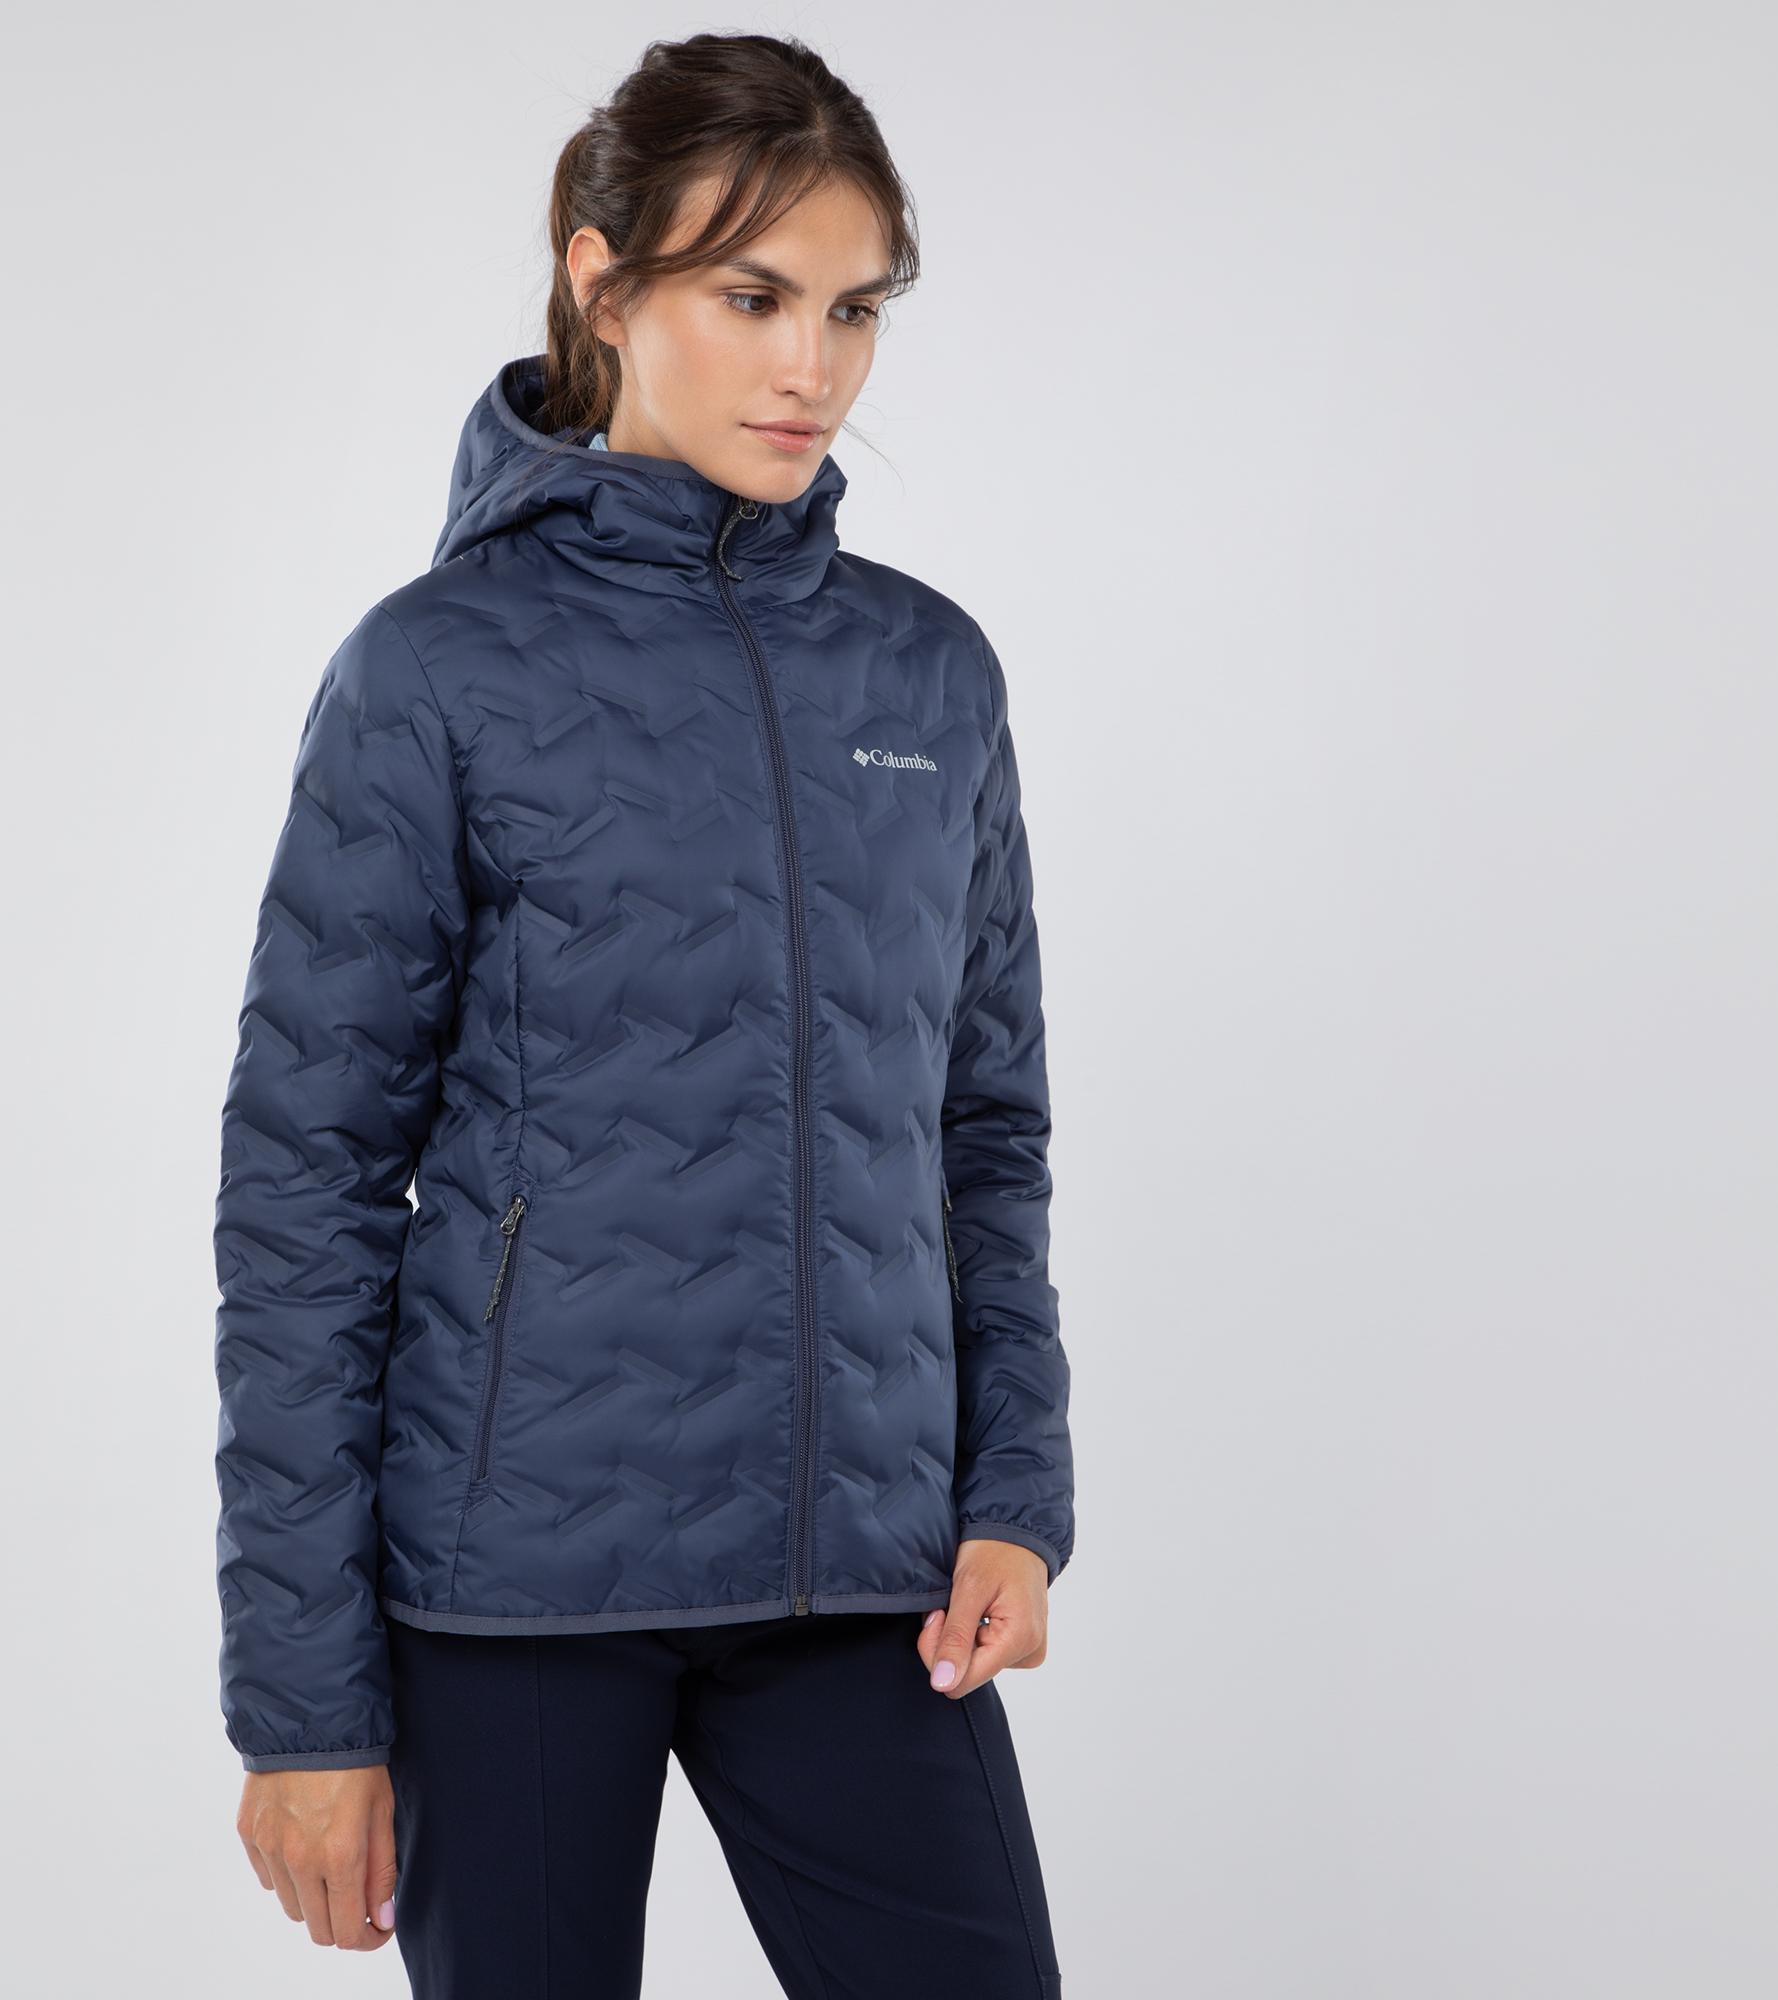 цена на Columbia Куртка пуховая женская Columbia Delta Ridge, размер 48